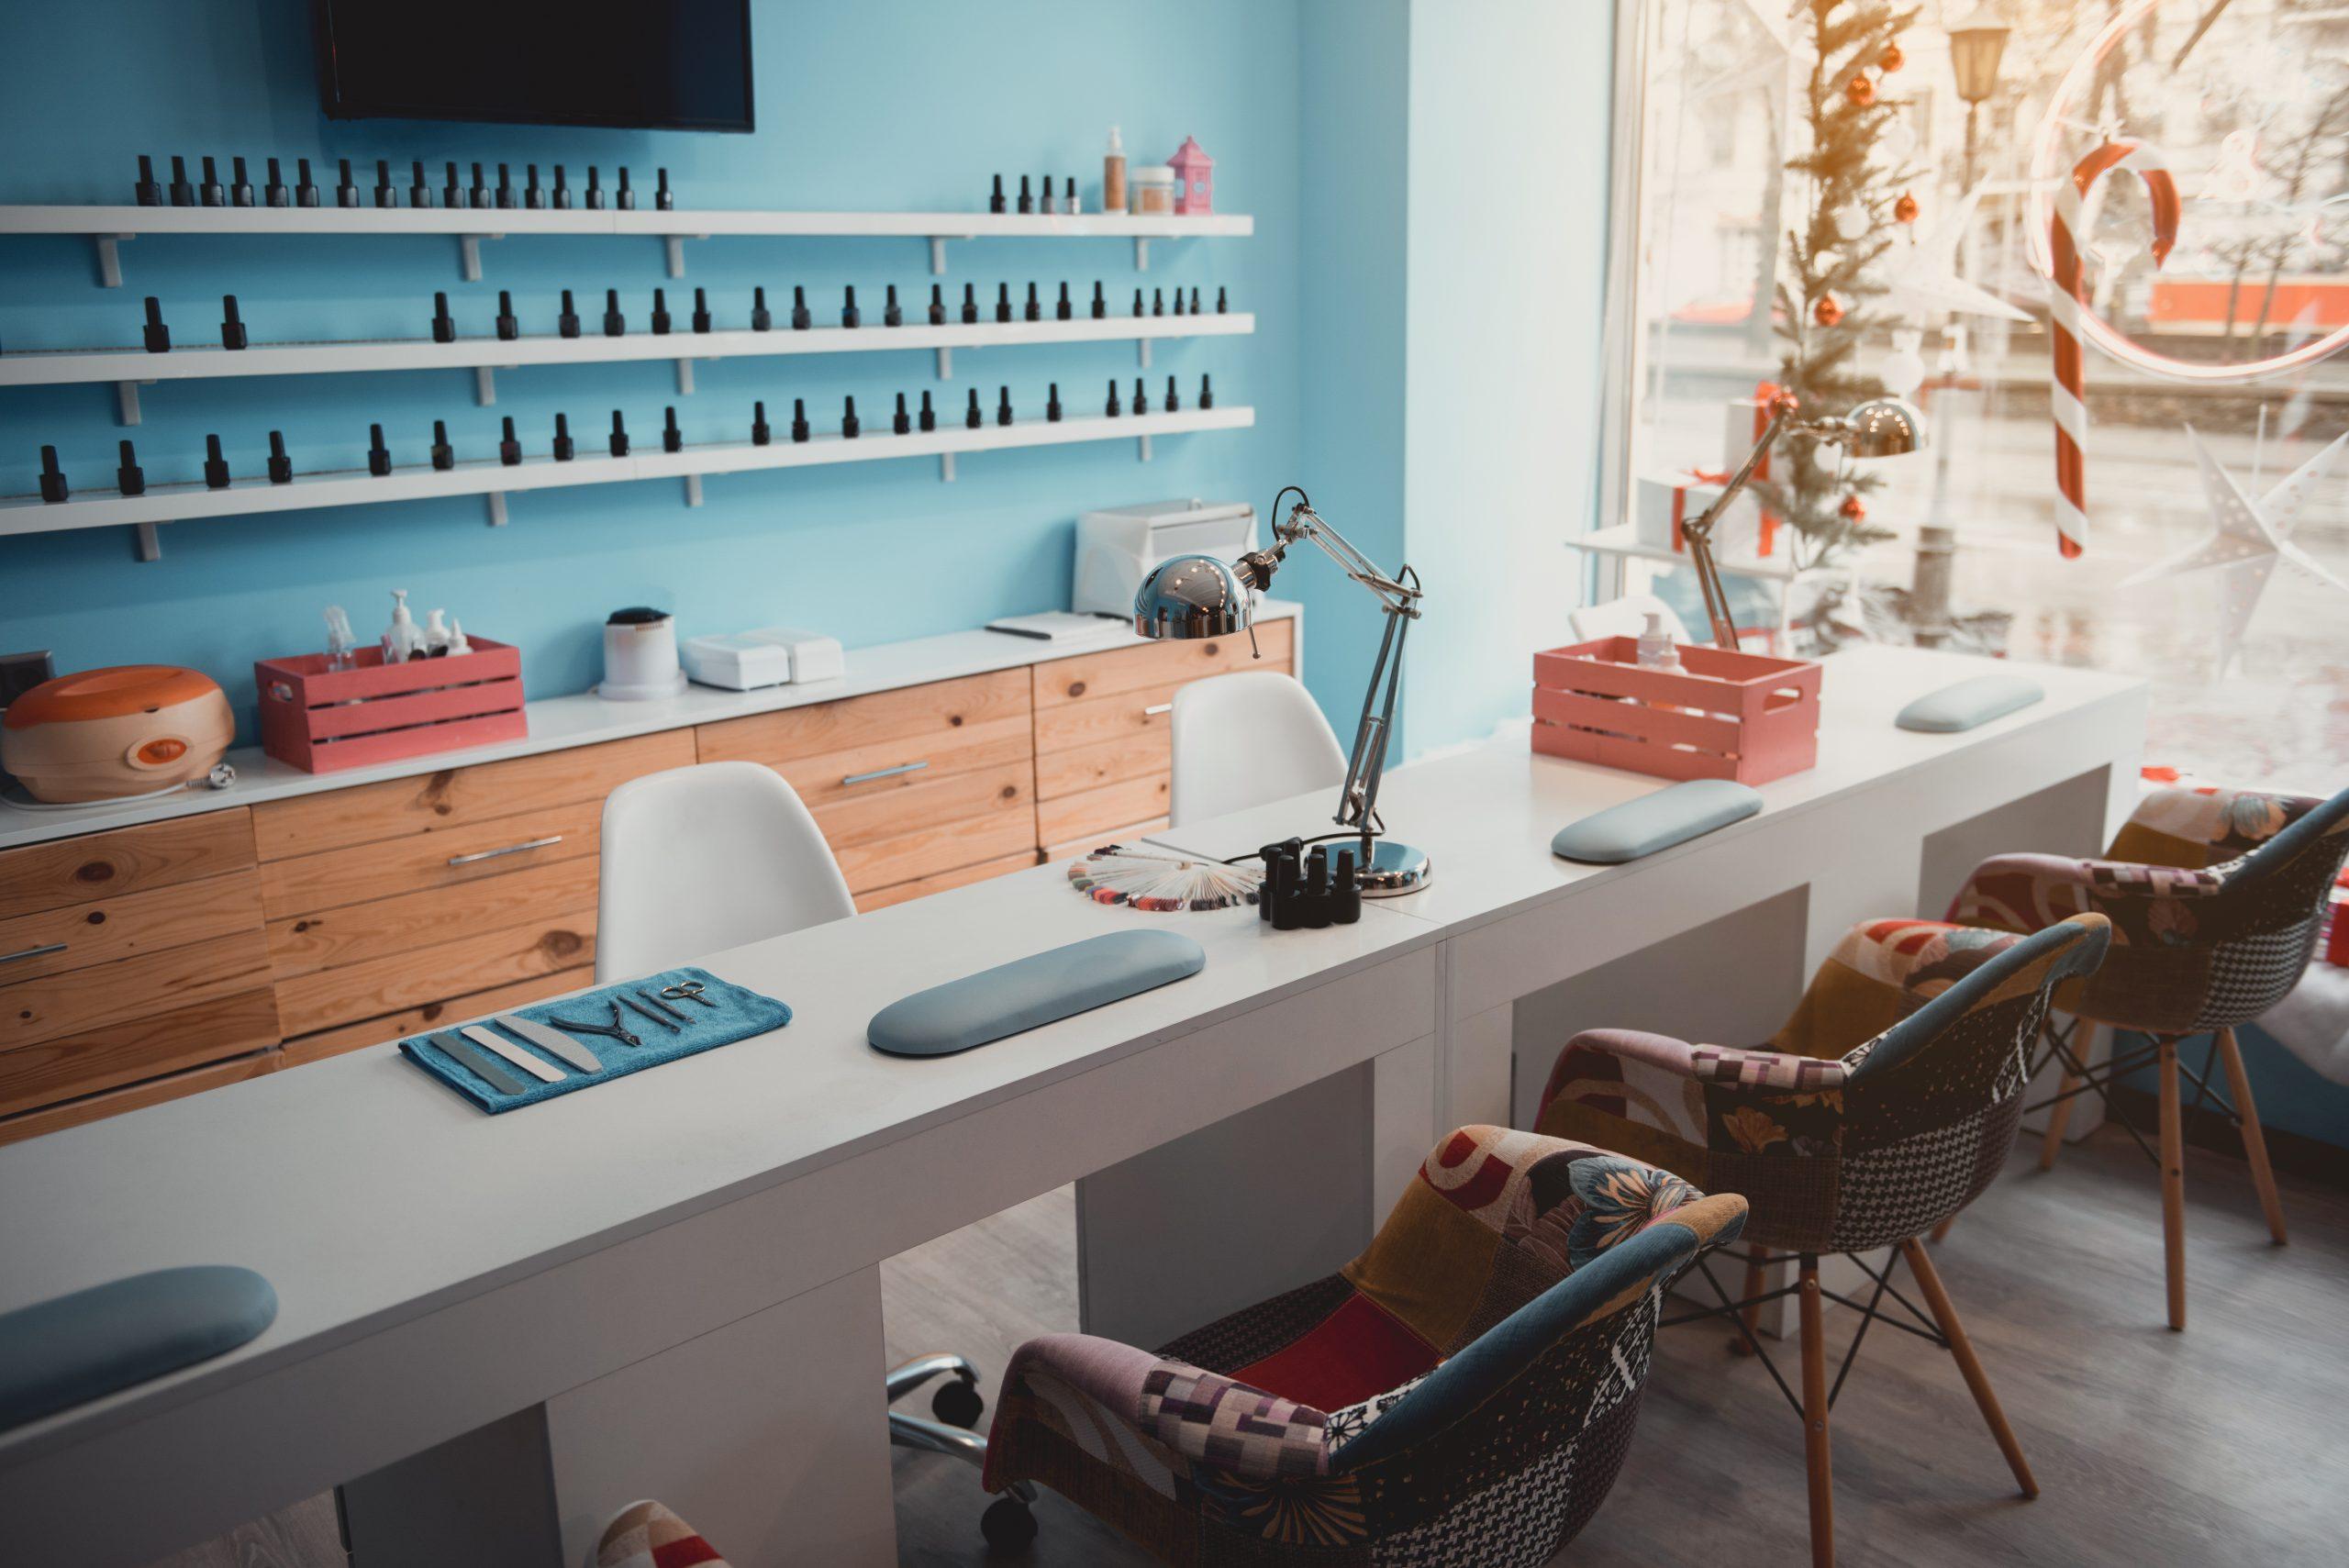 Як залучити клієнтів майстрові манікюру   Kyivstar Business Hub зображення №1